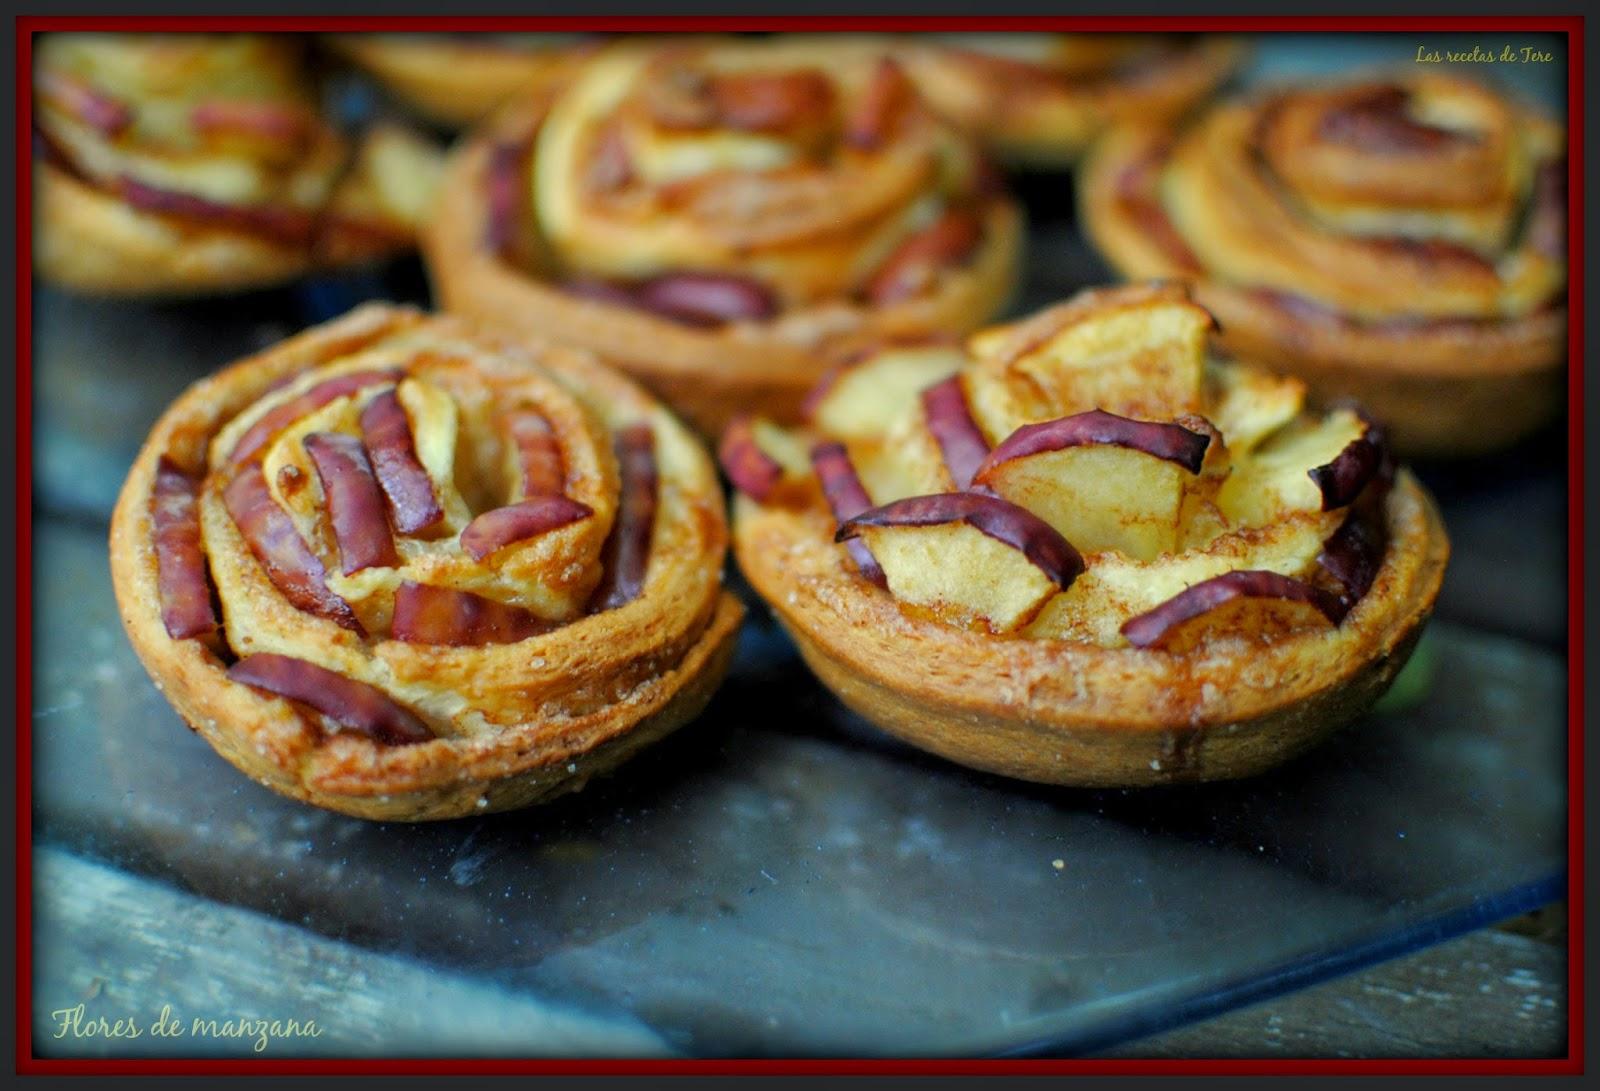 flores de manzana las recetas de tere 08